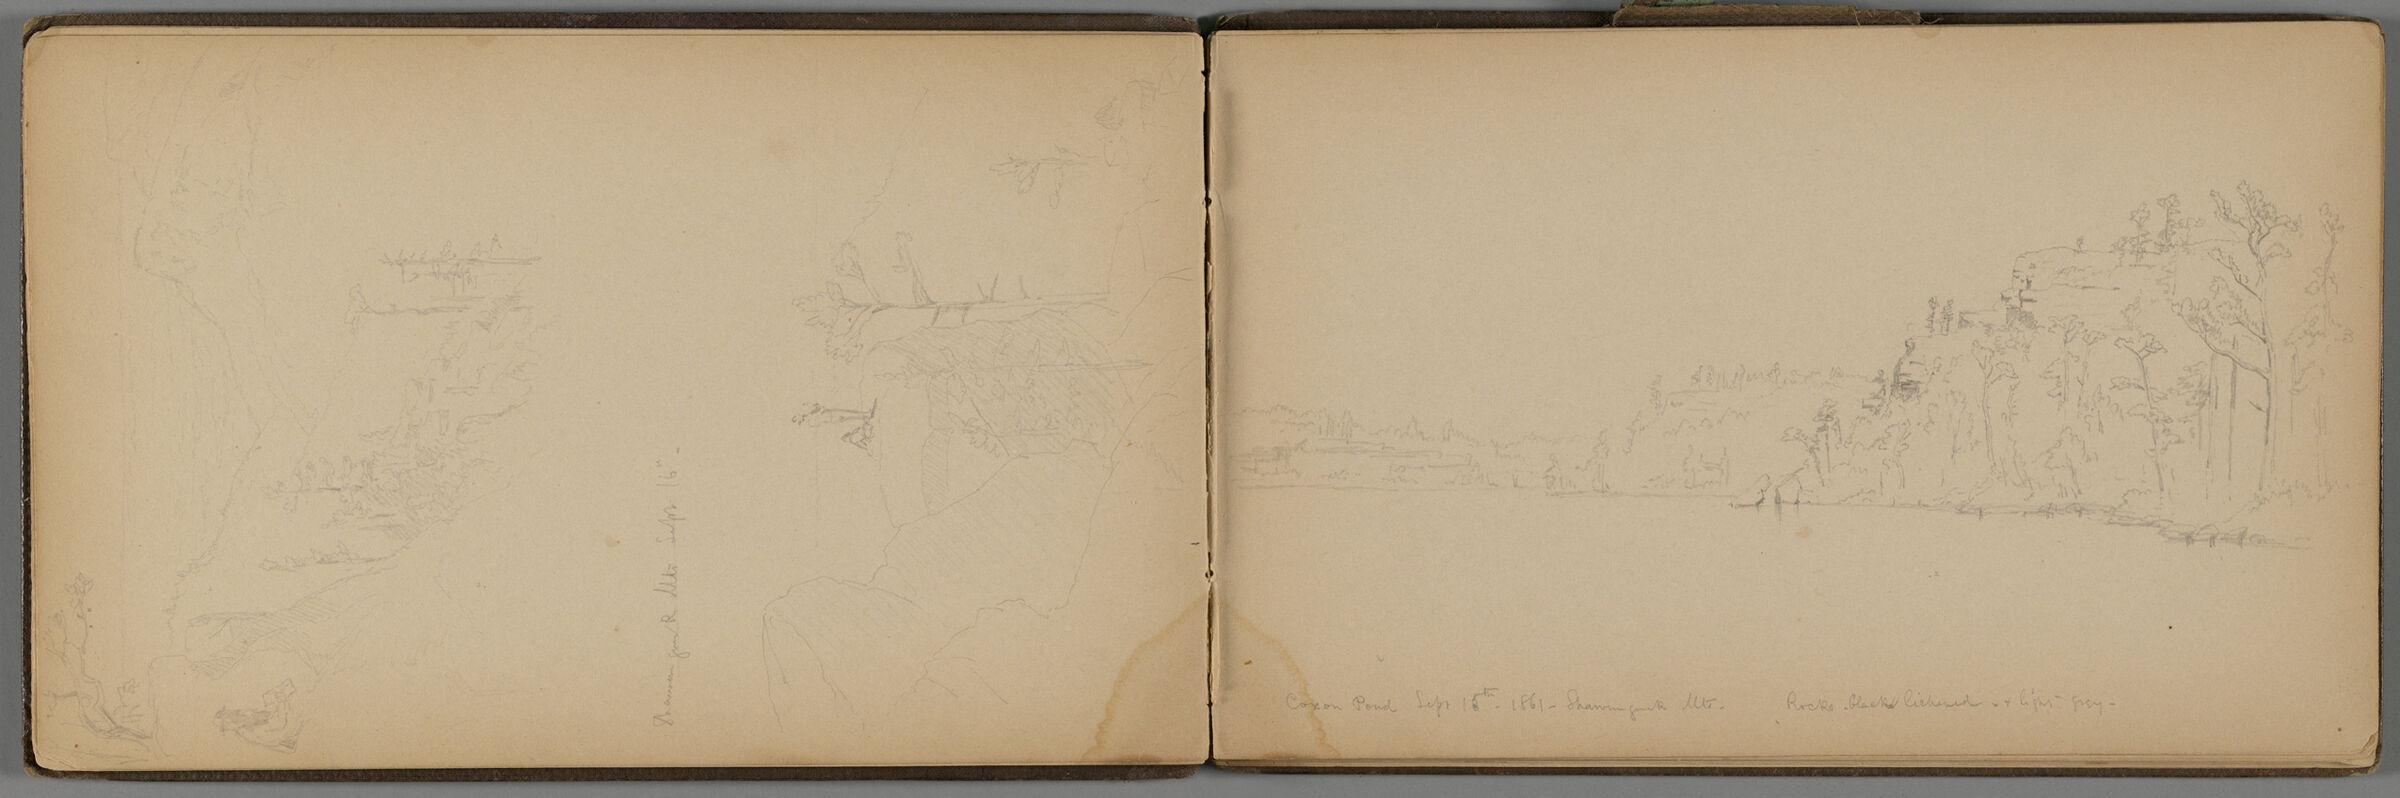 Shawangunk Mountains Landscape; Verso: Landscape And Partial Landscape